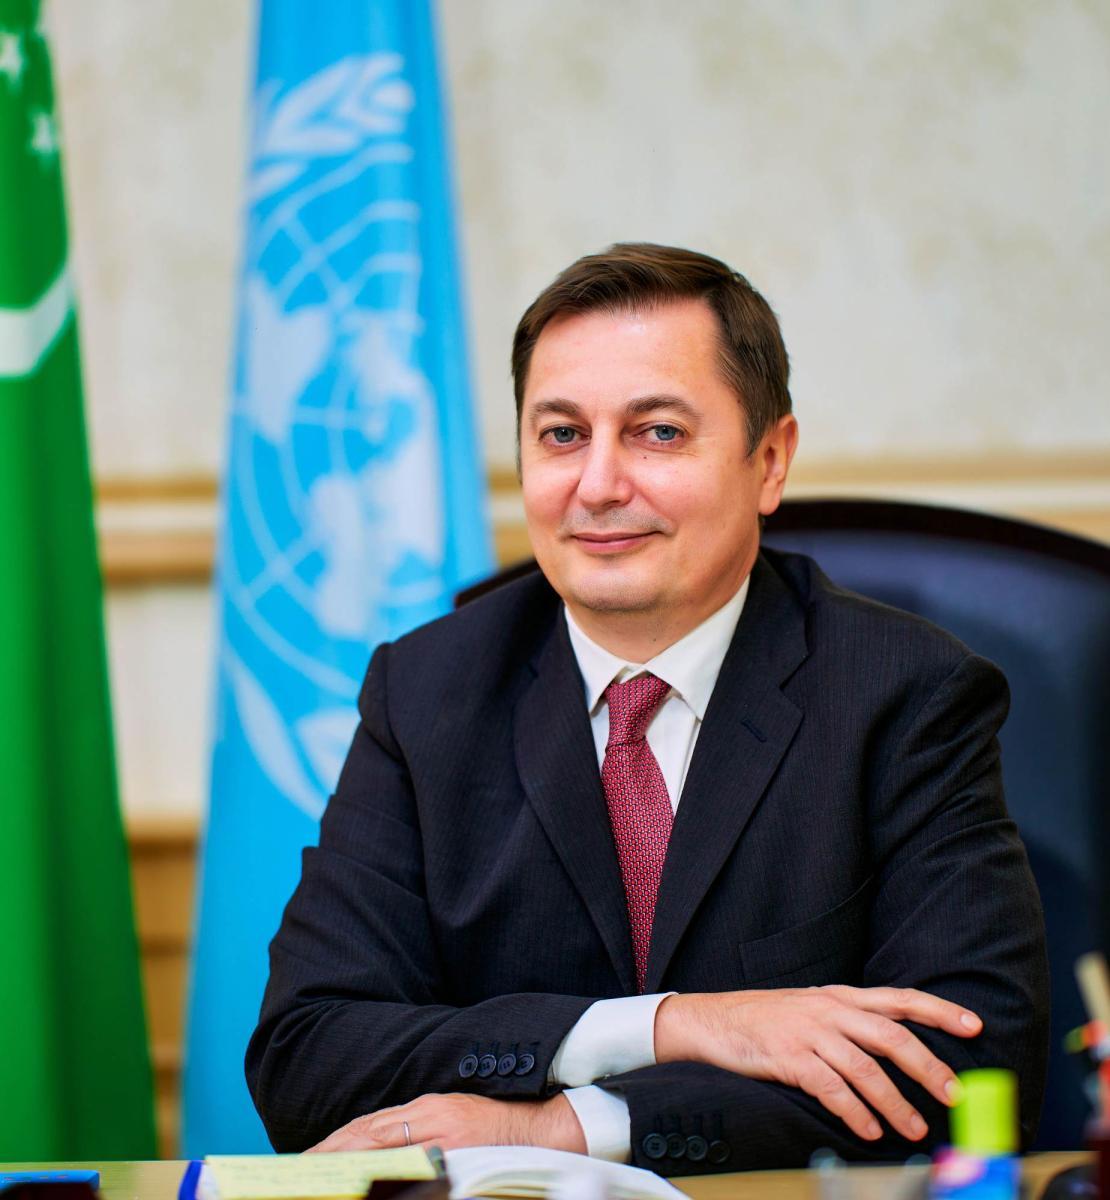 一名身着西装的男子拿着土库曼斯坦和联合国的旗帜对着镜头微笑。